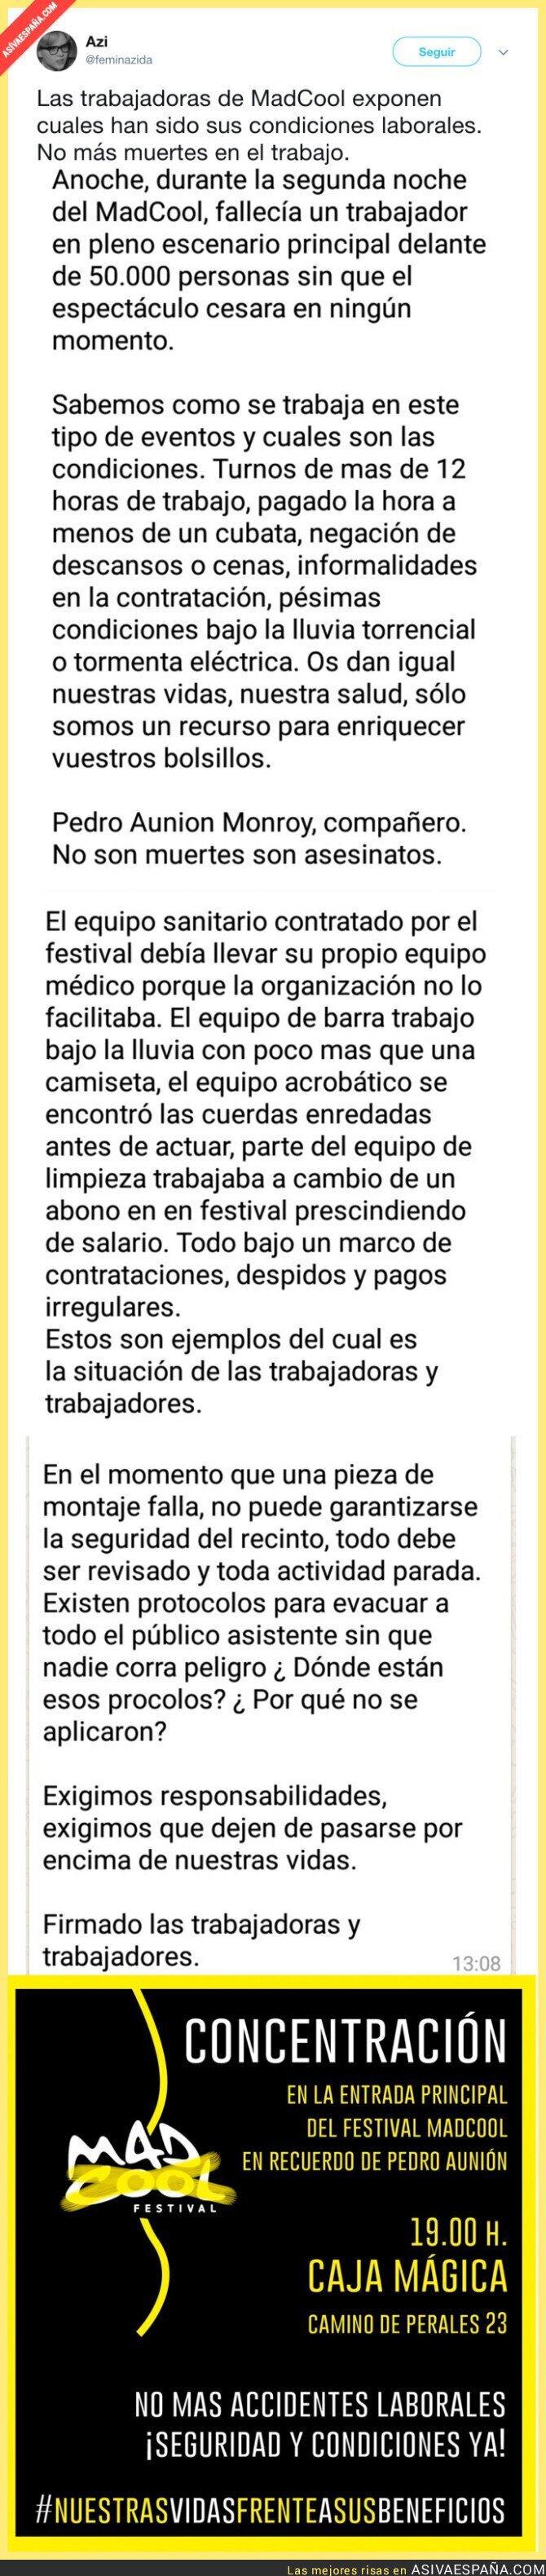 71291 - La terrible situación laboral en el MadCool Festival